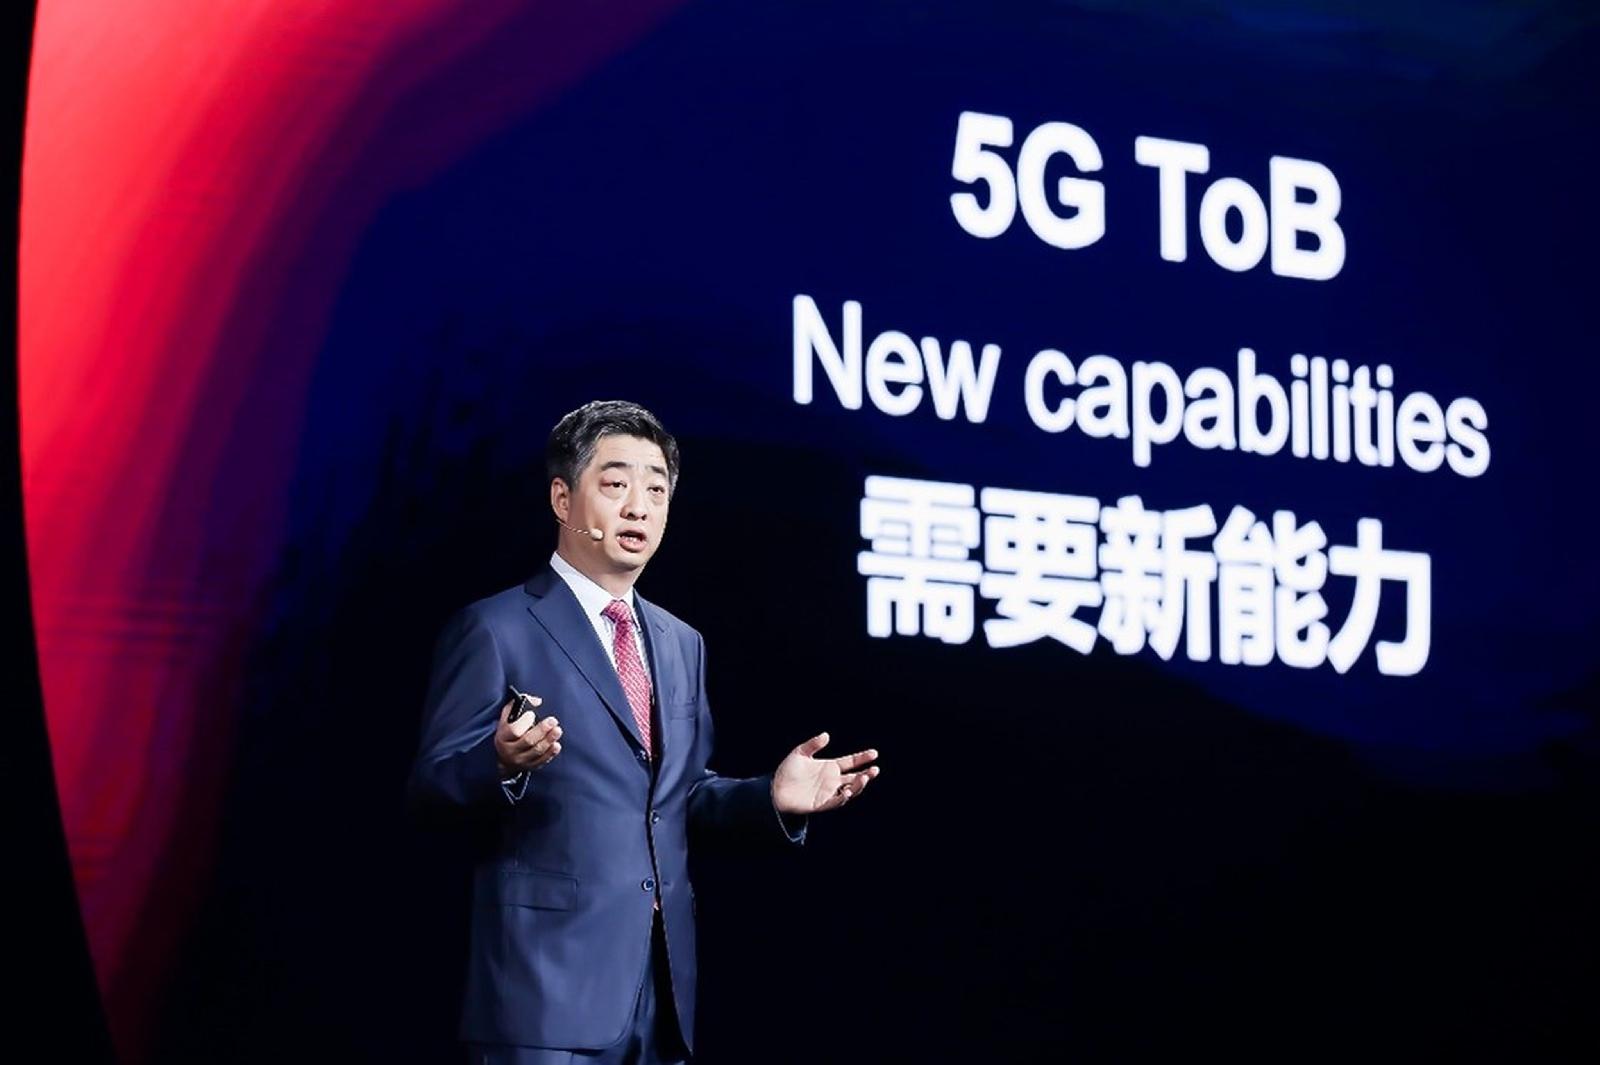 Ken Hu รองประธานหัวเว่ย ชี้ 5G สร้างมูลค่าใหม่ให้ภาคอุตสาหกรรมเปิดโอกาสการเติบโตใหม่ทางธุรกิจ